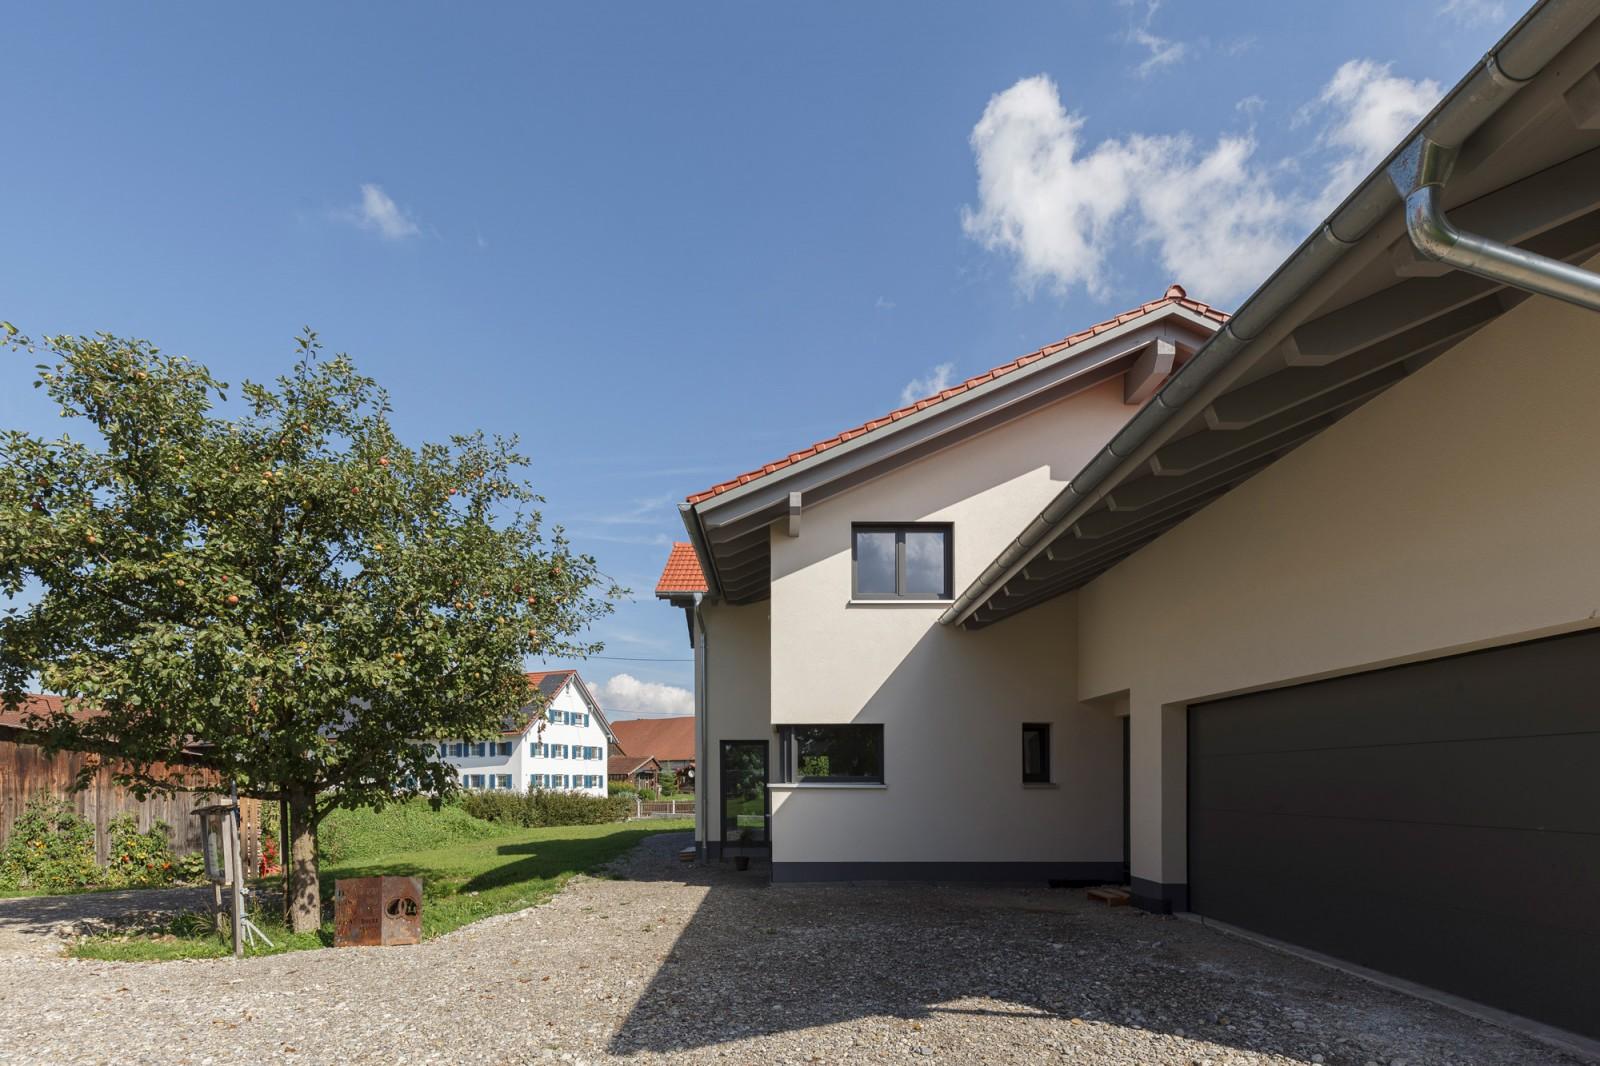 Einfamilienhaus aus Holz mit Garage